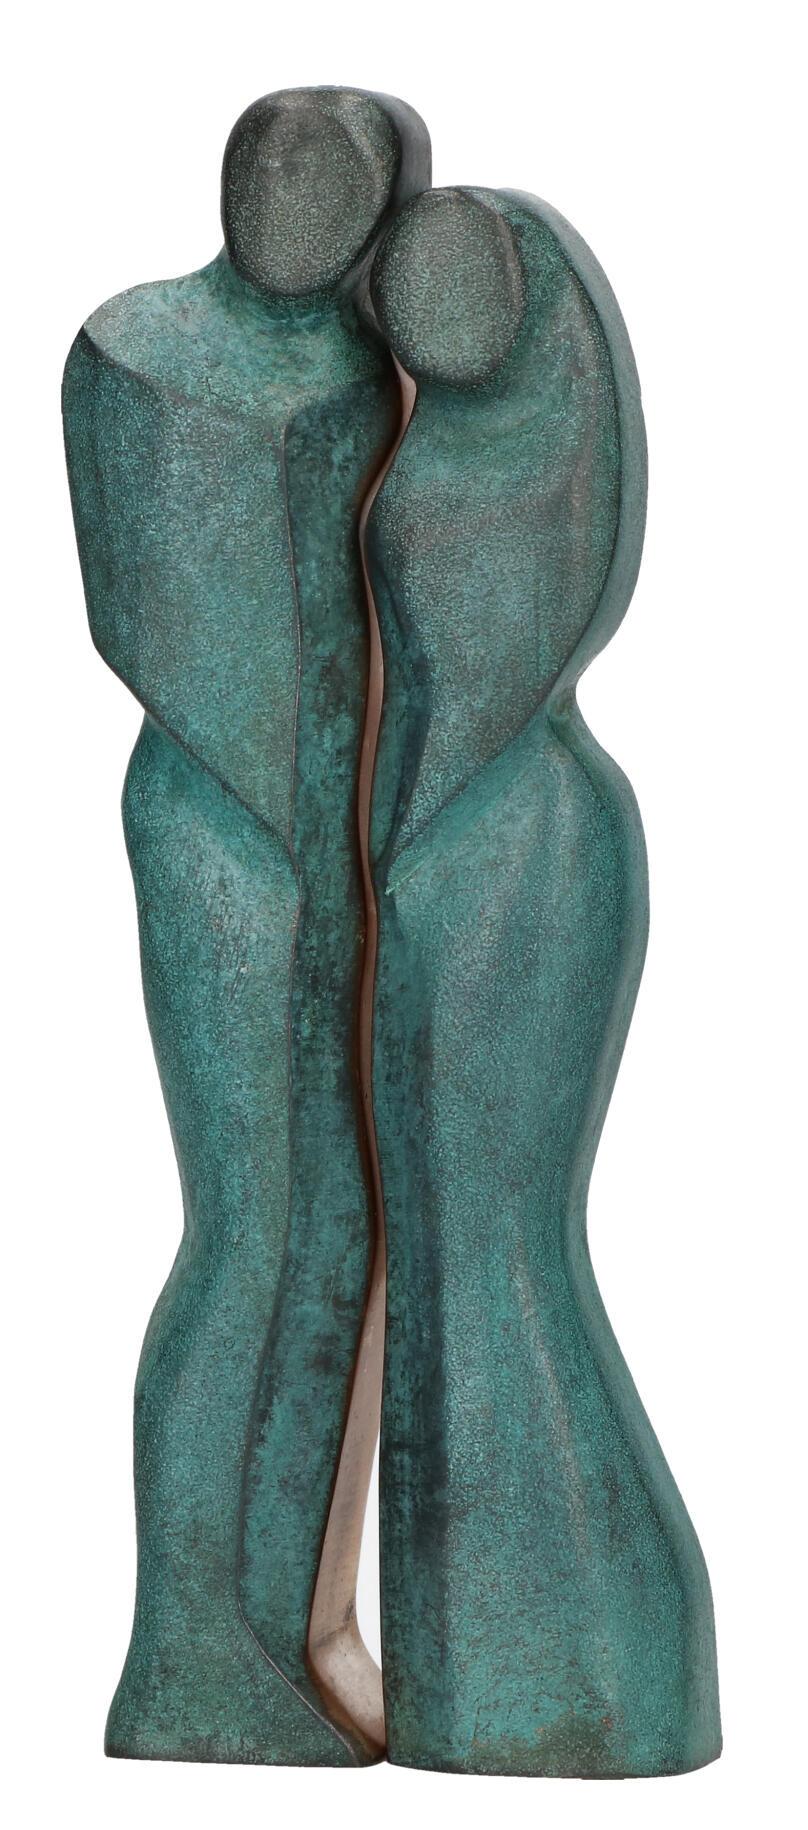 Bronzen beeld - man en vrouw 14,5 cm